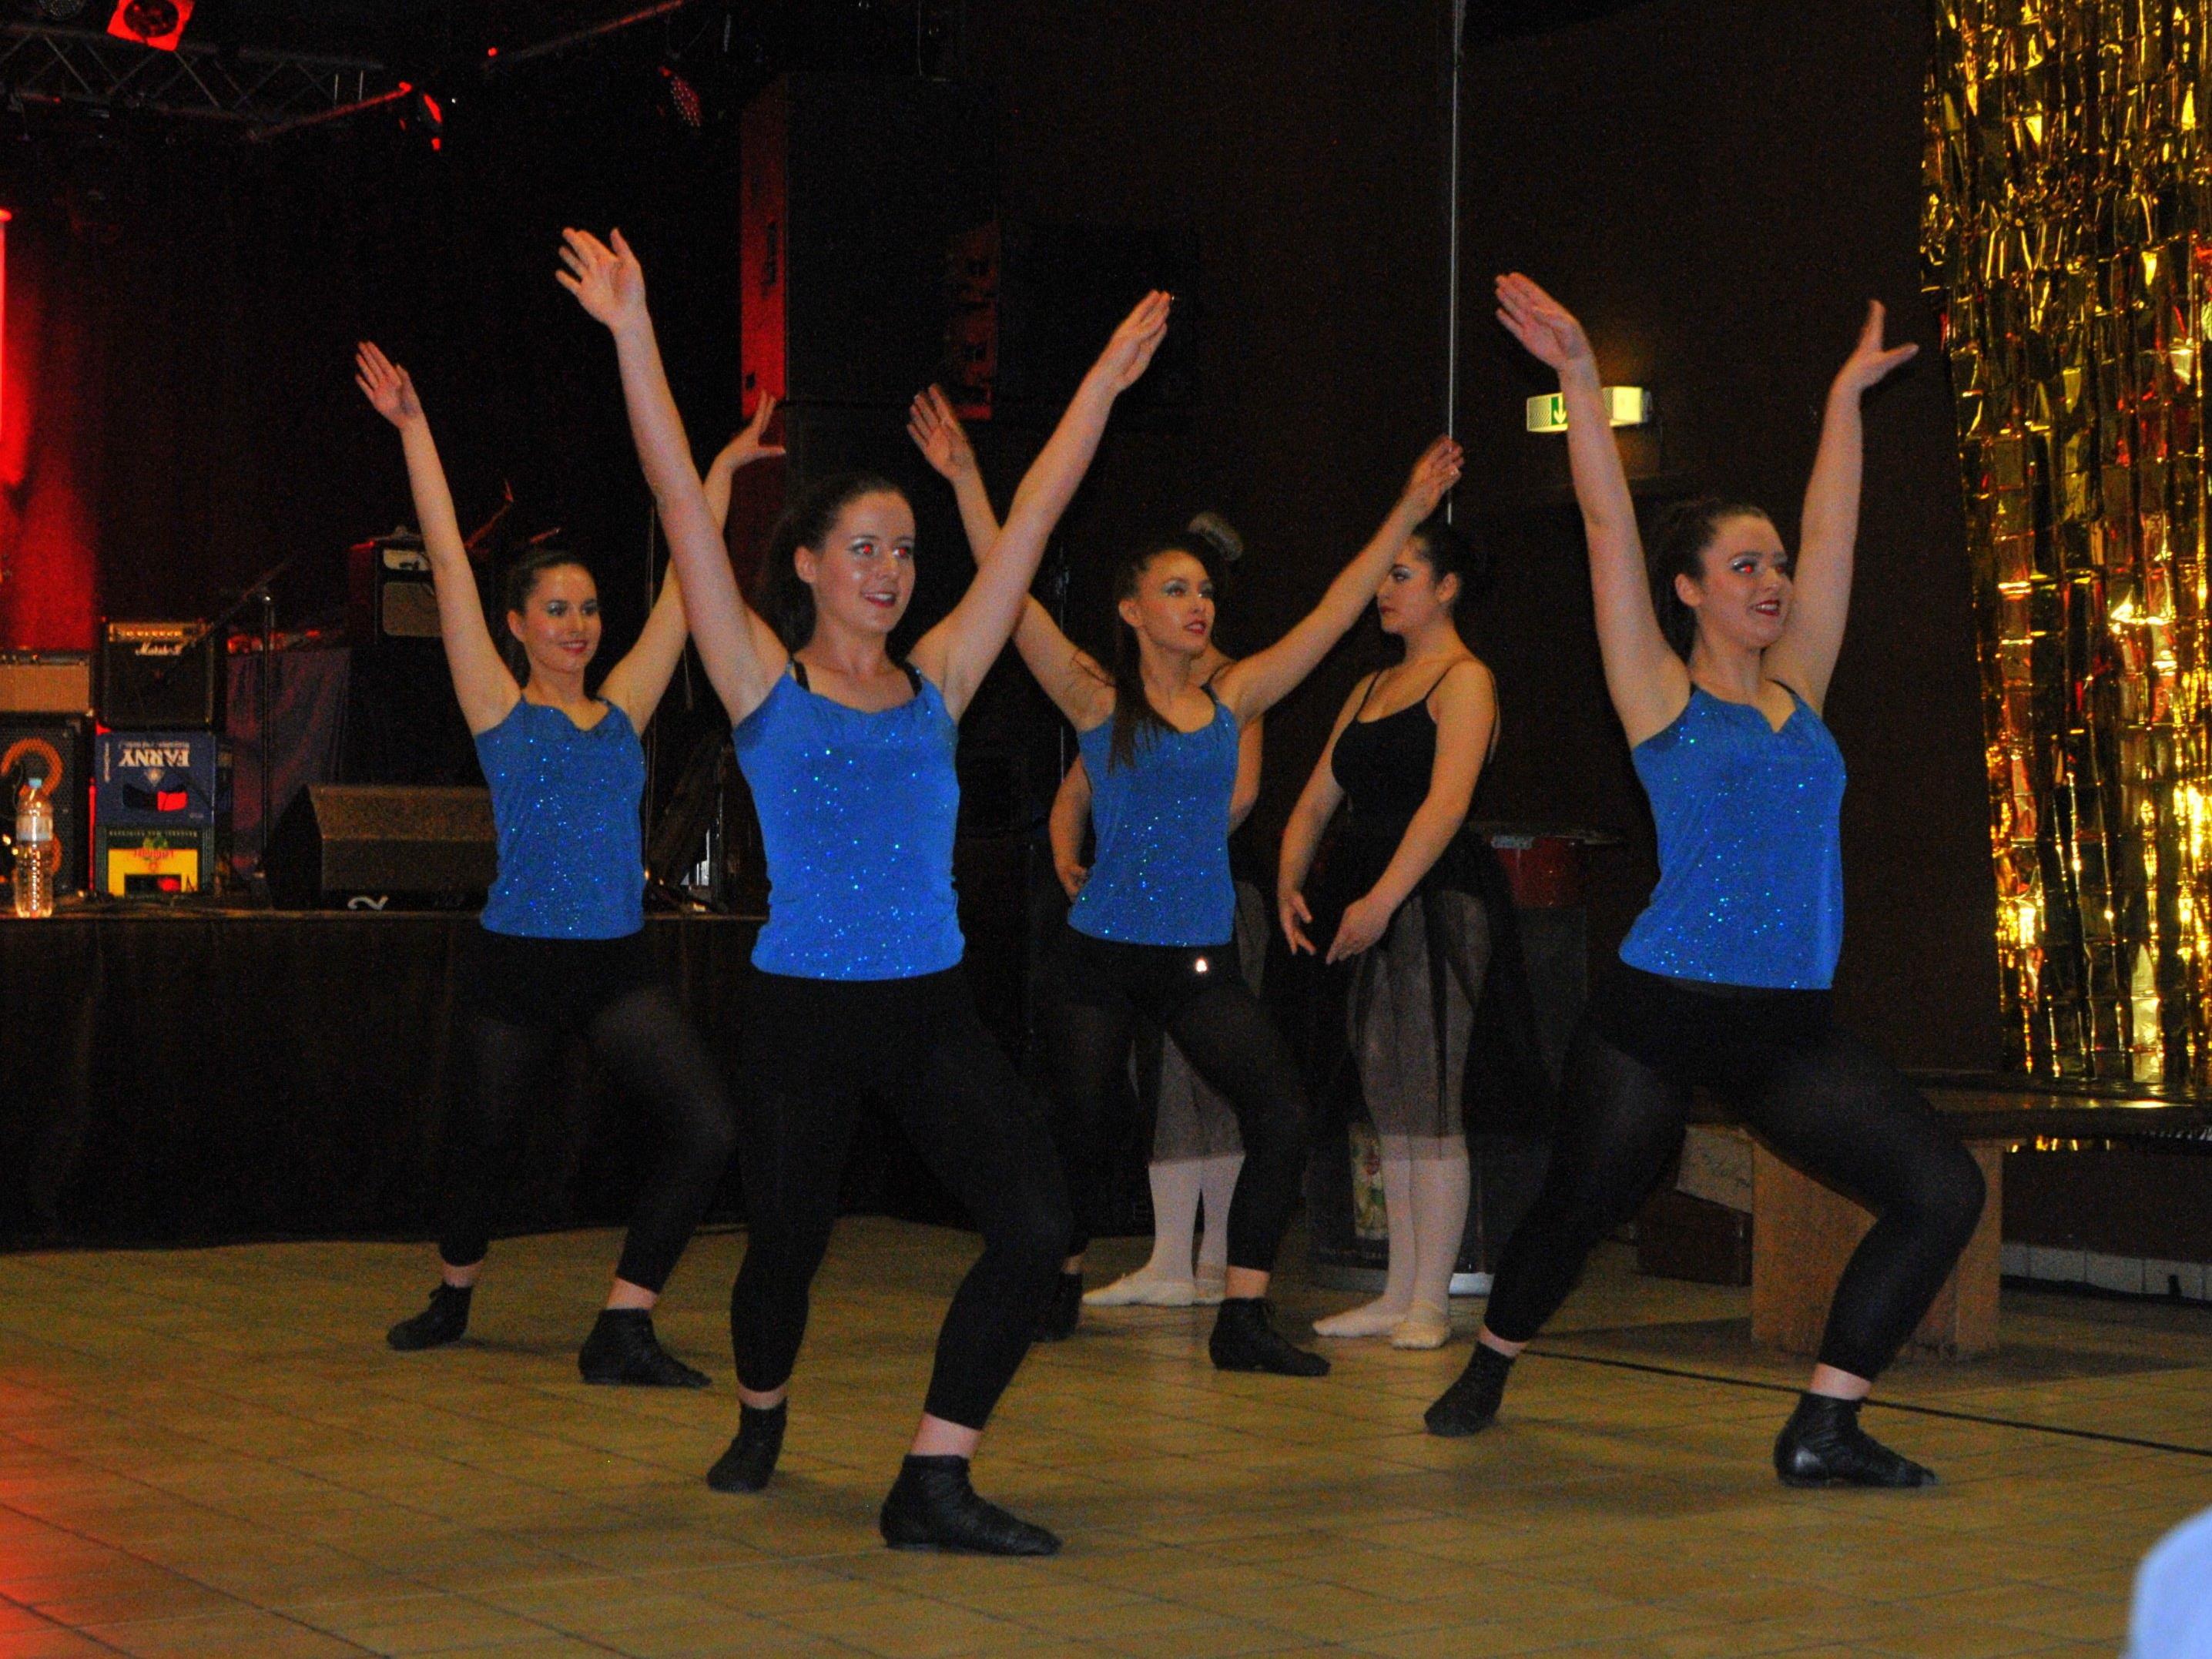 Tänzerinnen Ballettschule Monika / Verein Terpsichore